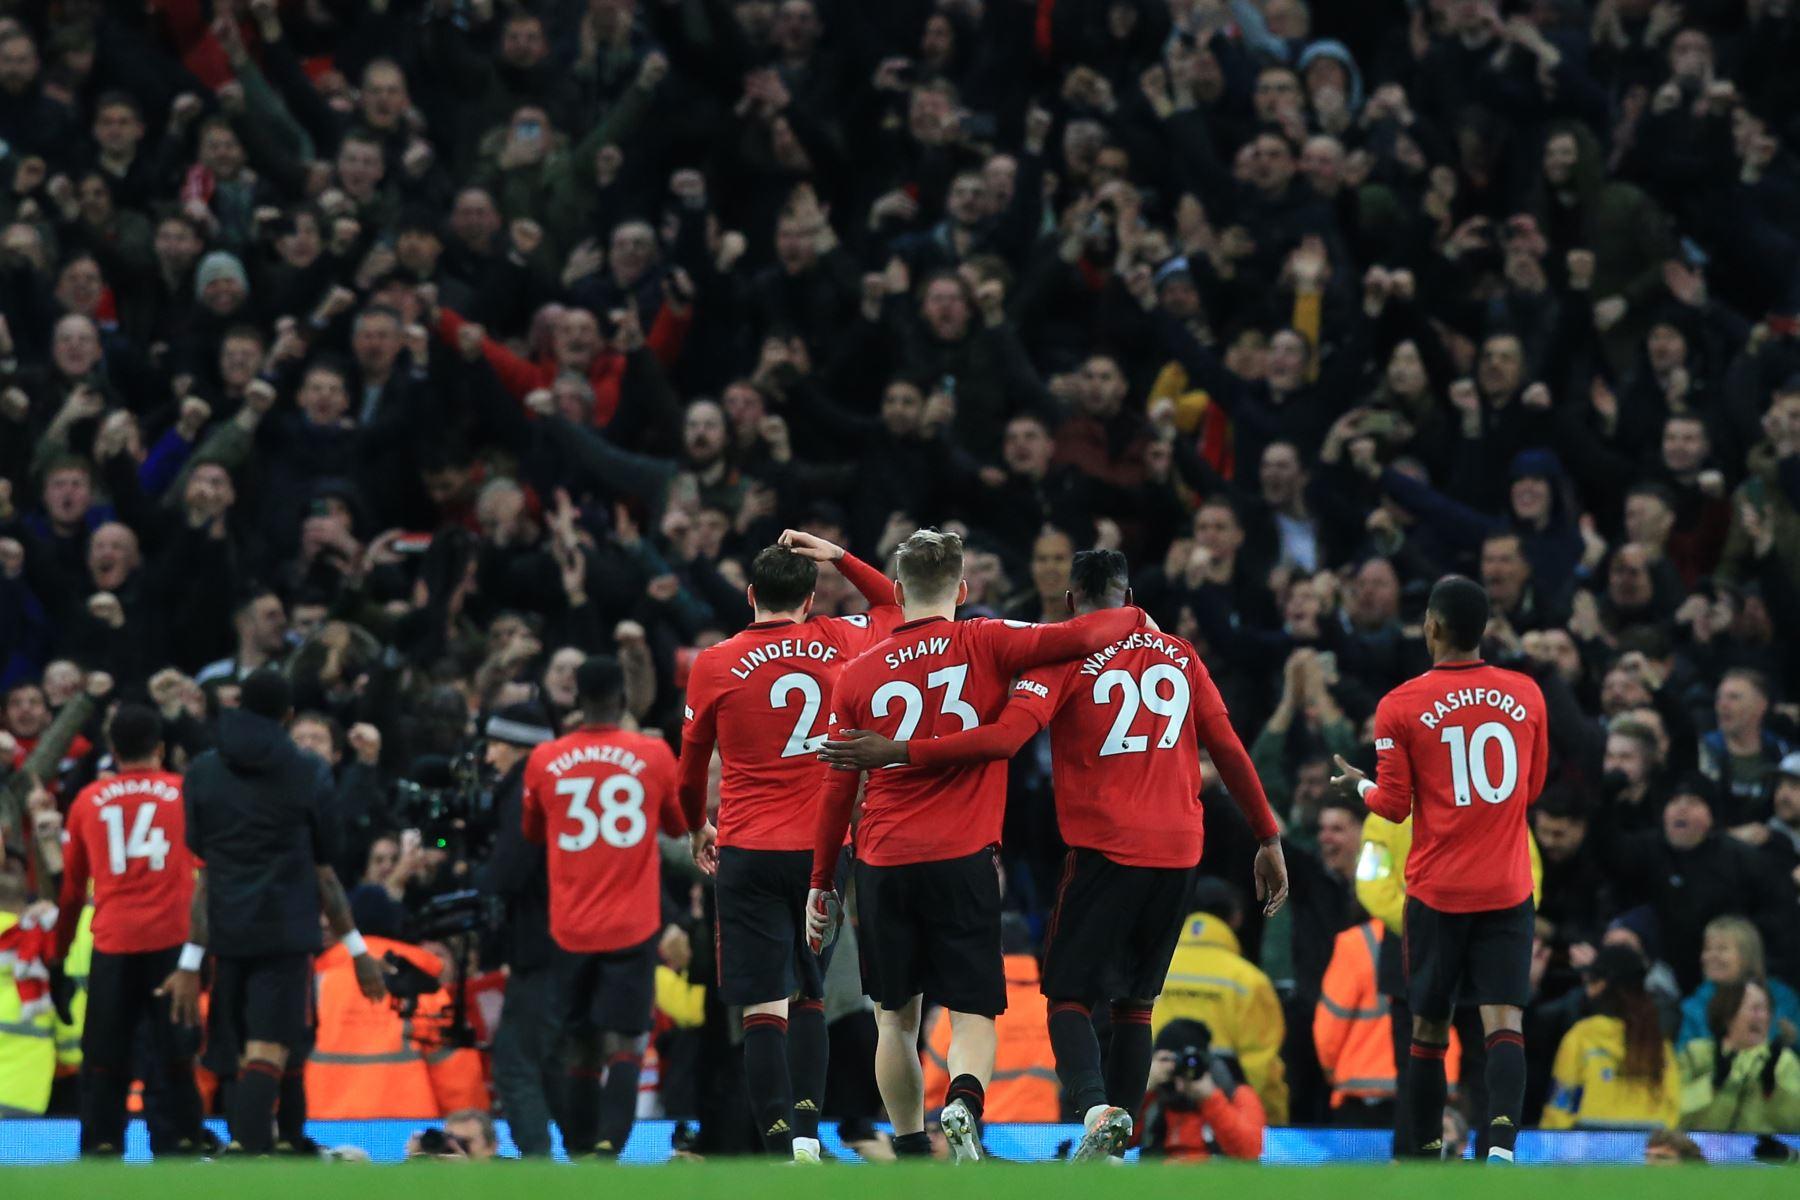 Los jugadores del Manchester United saludan a la multitud después de ganar el partido de fútbol de la Premier League inglesa entre el Manchester City y el Manchester United. Foto: AFP